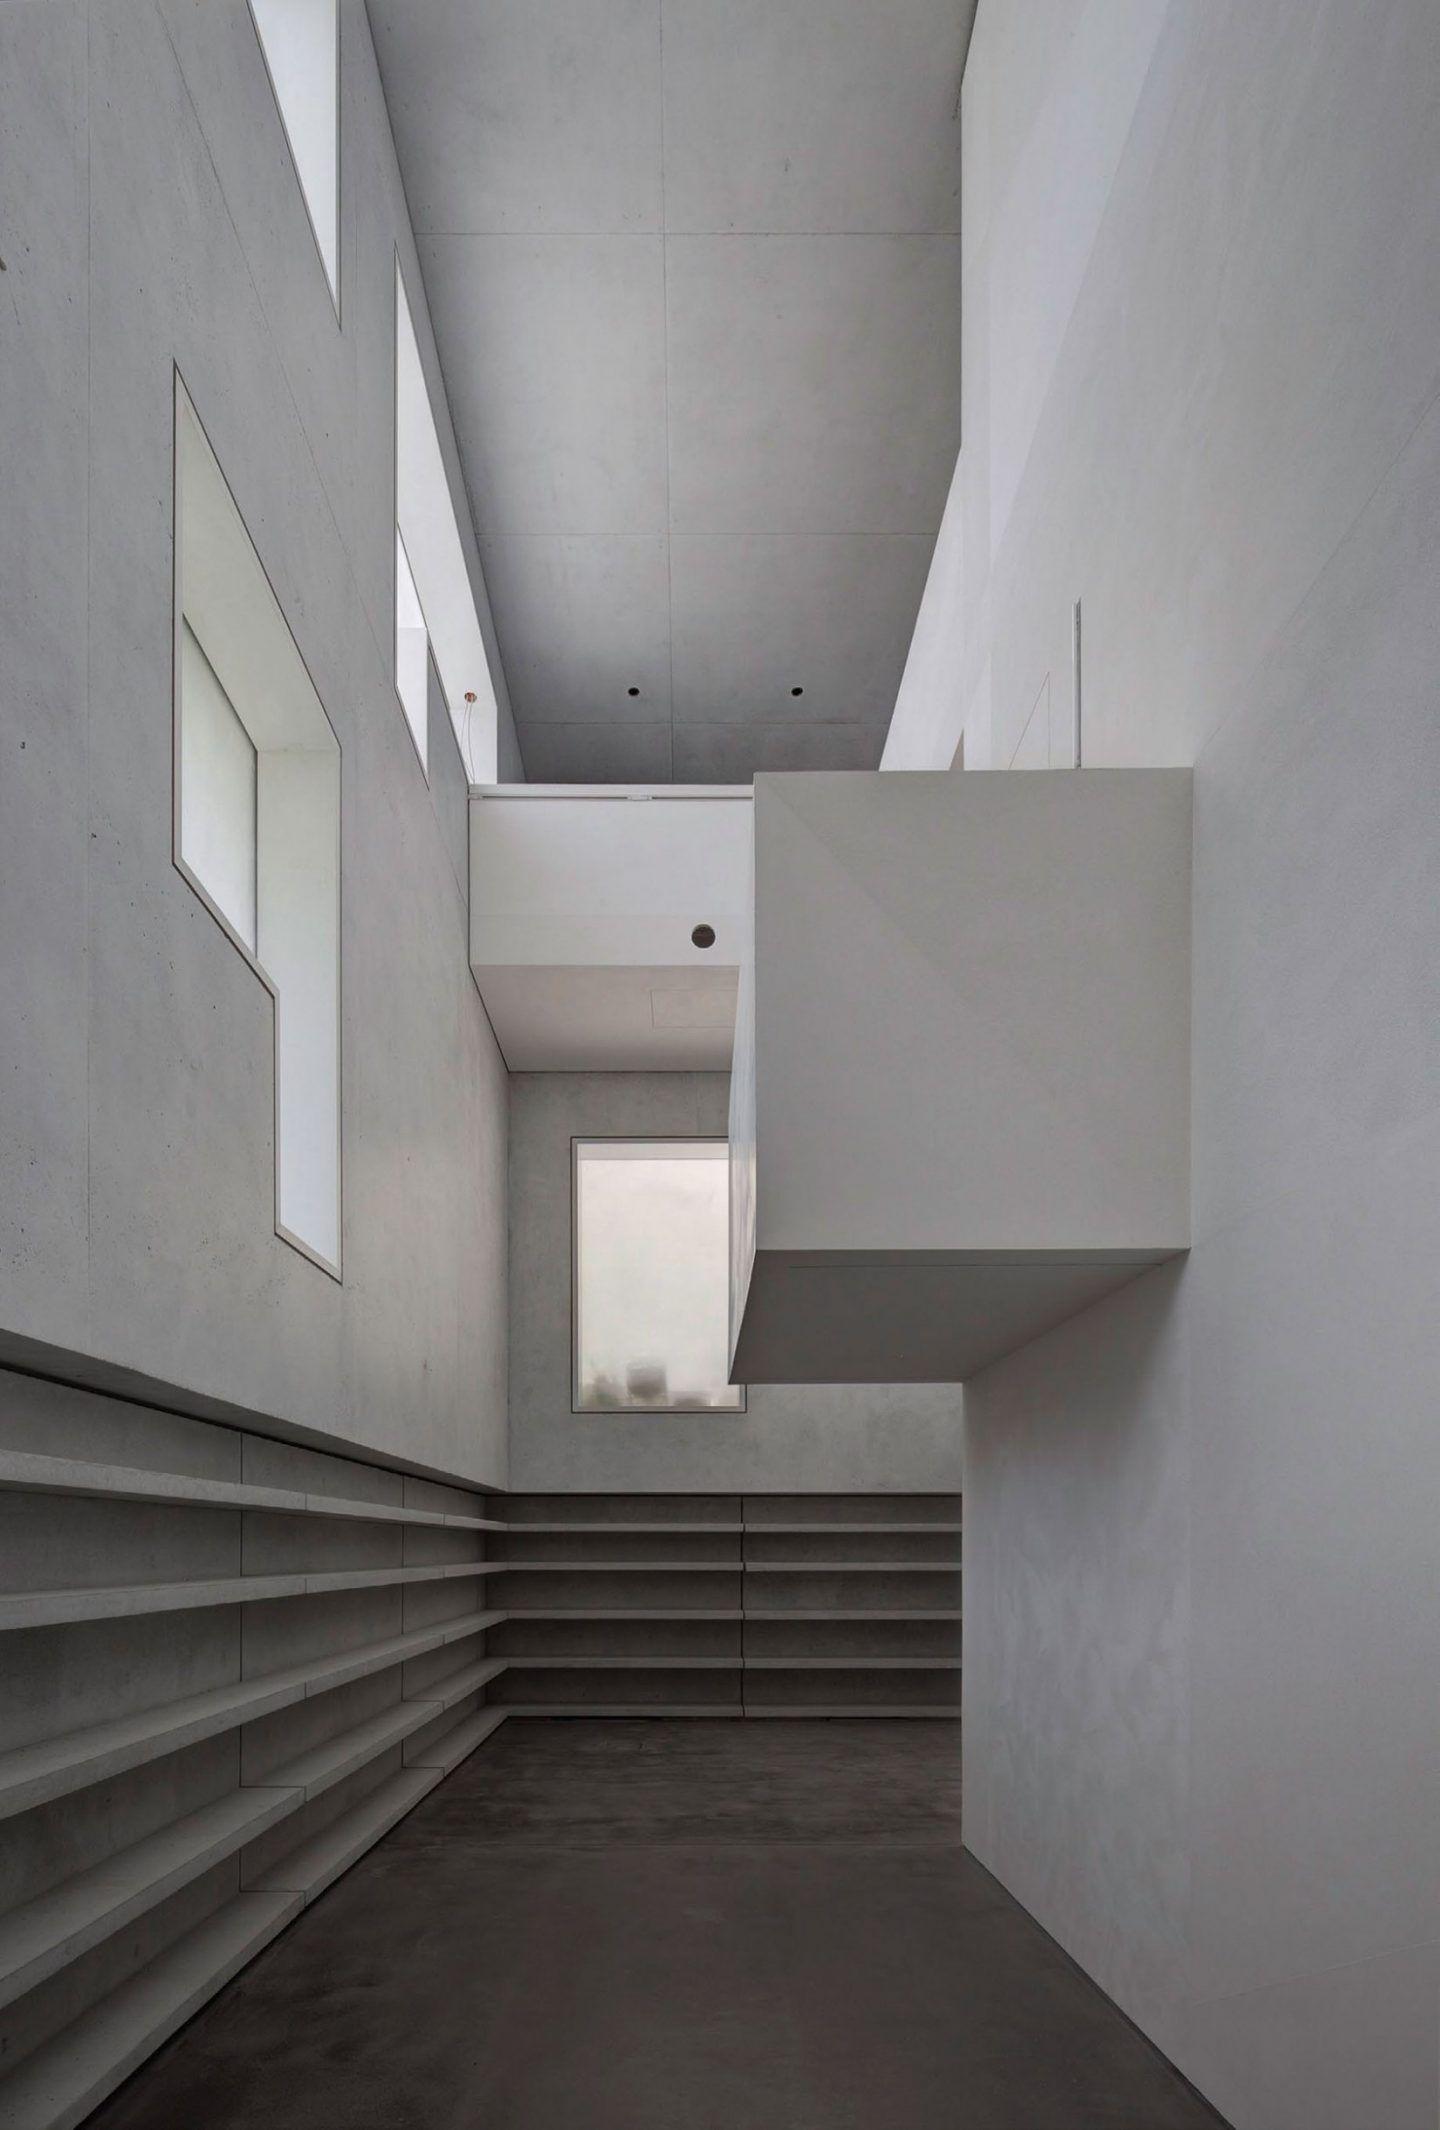 IGNANT-Architecture-Bruno-Fioretti-Marquez-Bauhaus-Meisterhauser-9